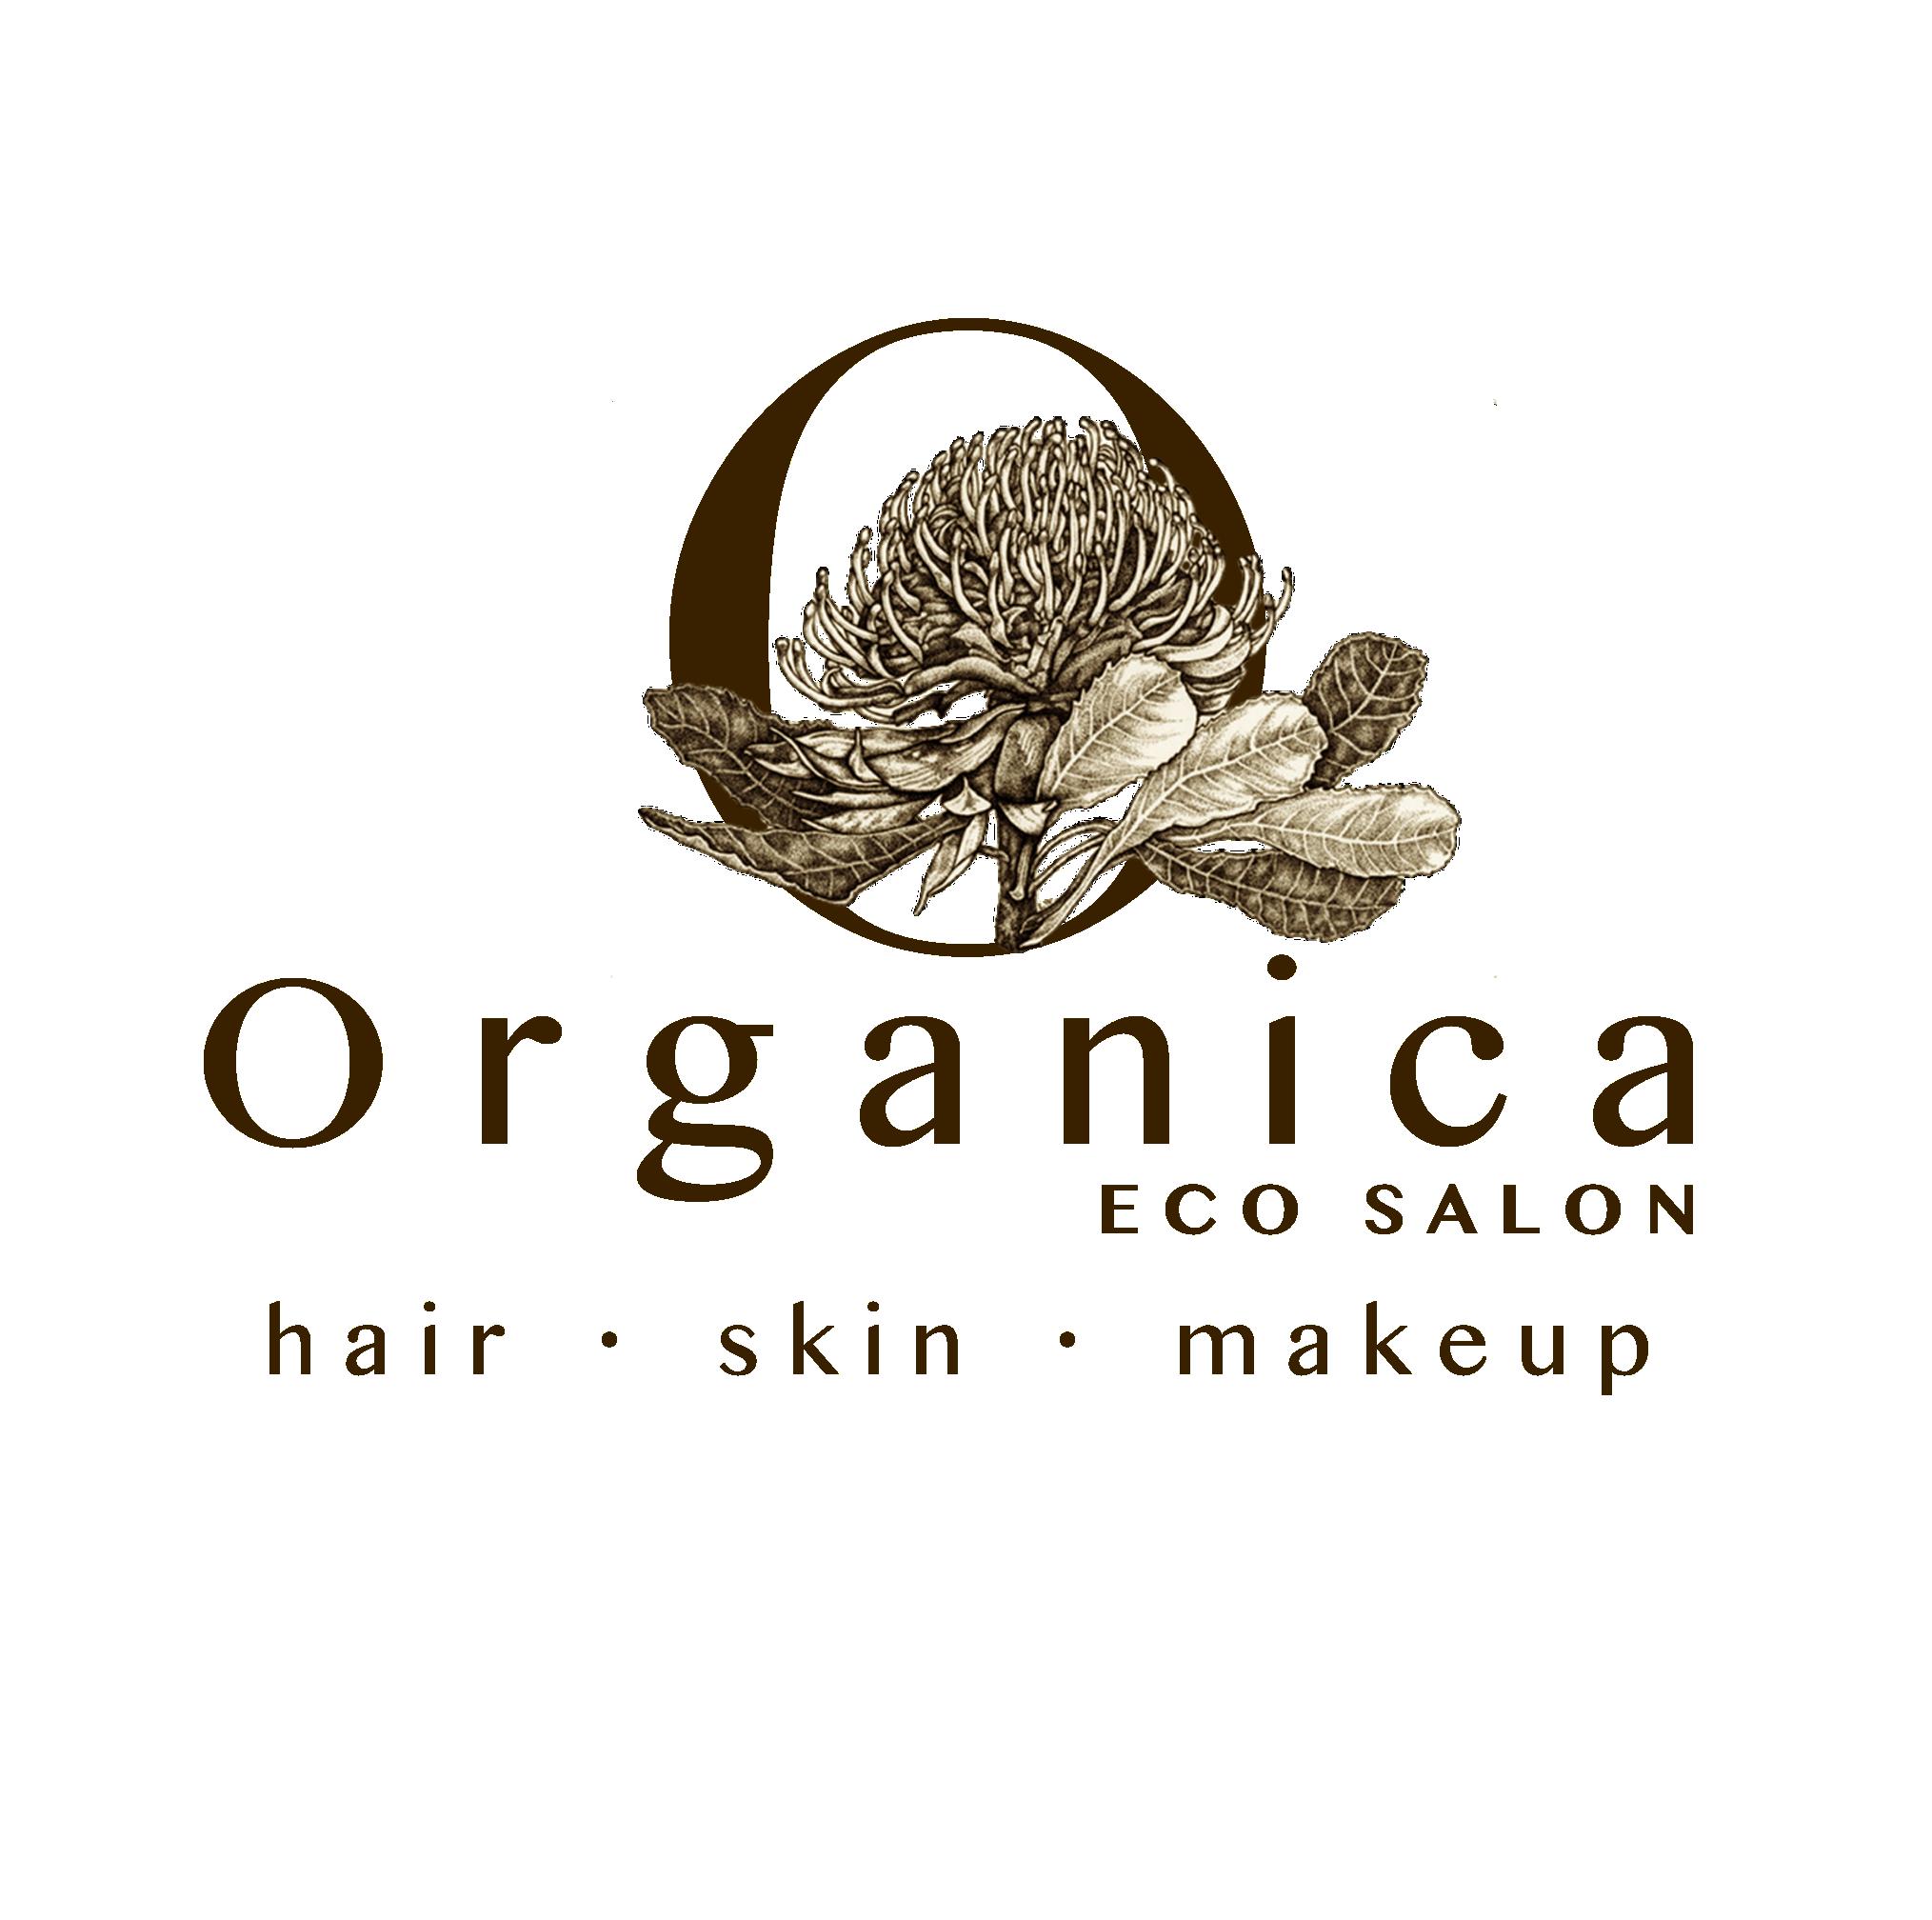 Brandon Park Barber Shop Logo and Images